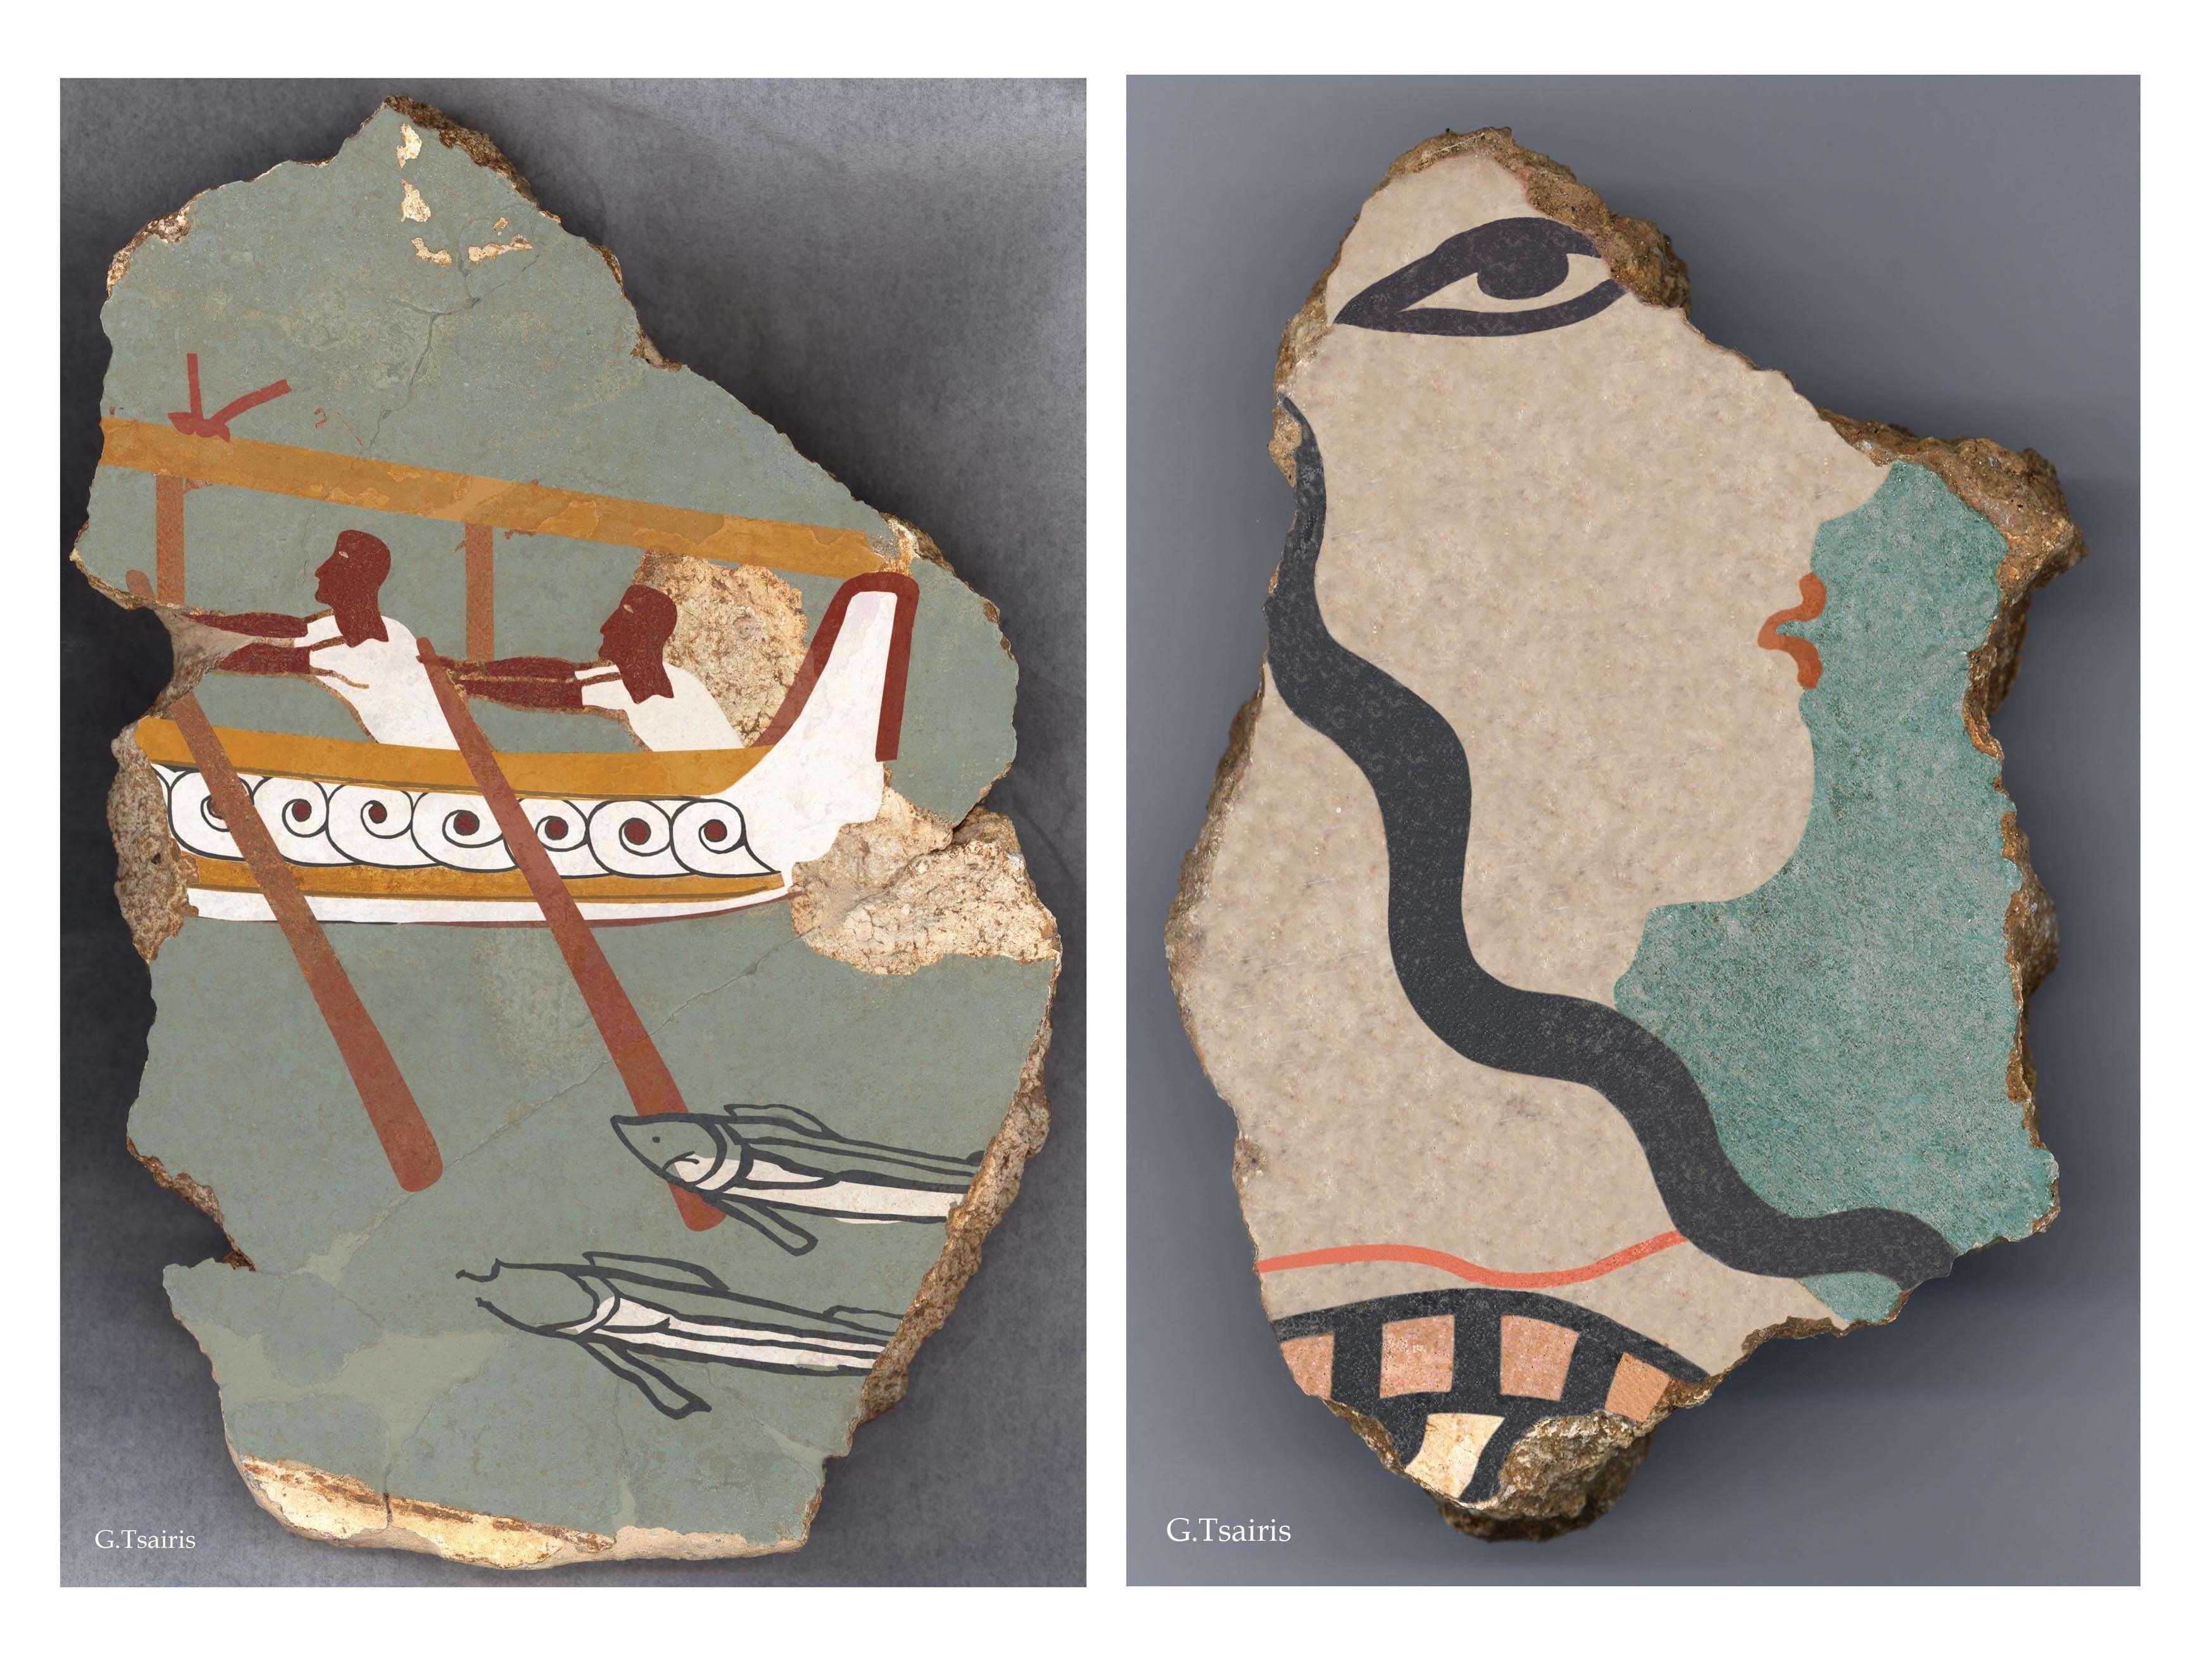 Περισσότερα από 2.000 σπαράγματα τοιχογραφιών βρέθηκαν στα δωμάτια του ανακτορικού συγκροτήματος, που φαίνεται ότι είχε πλούσια εικονογραφική διακόσμηση.